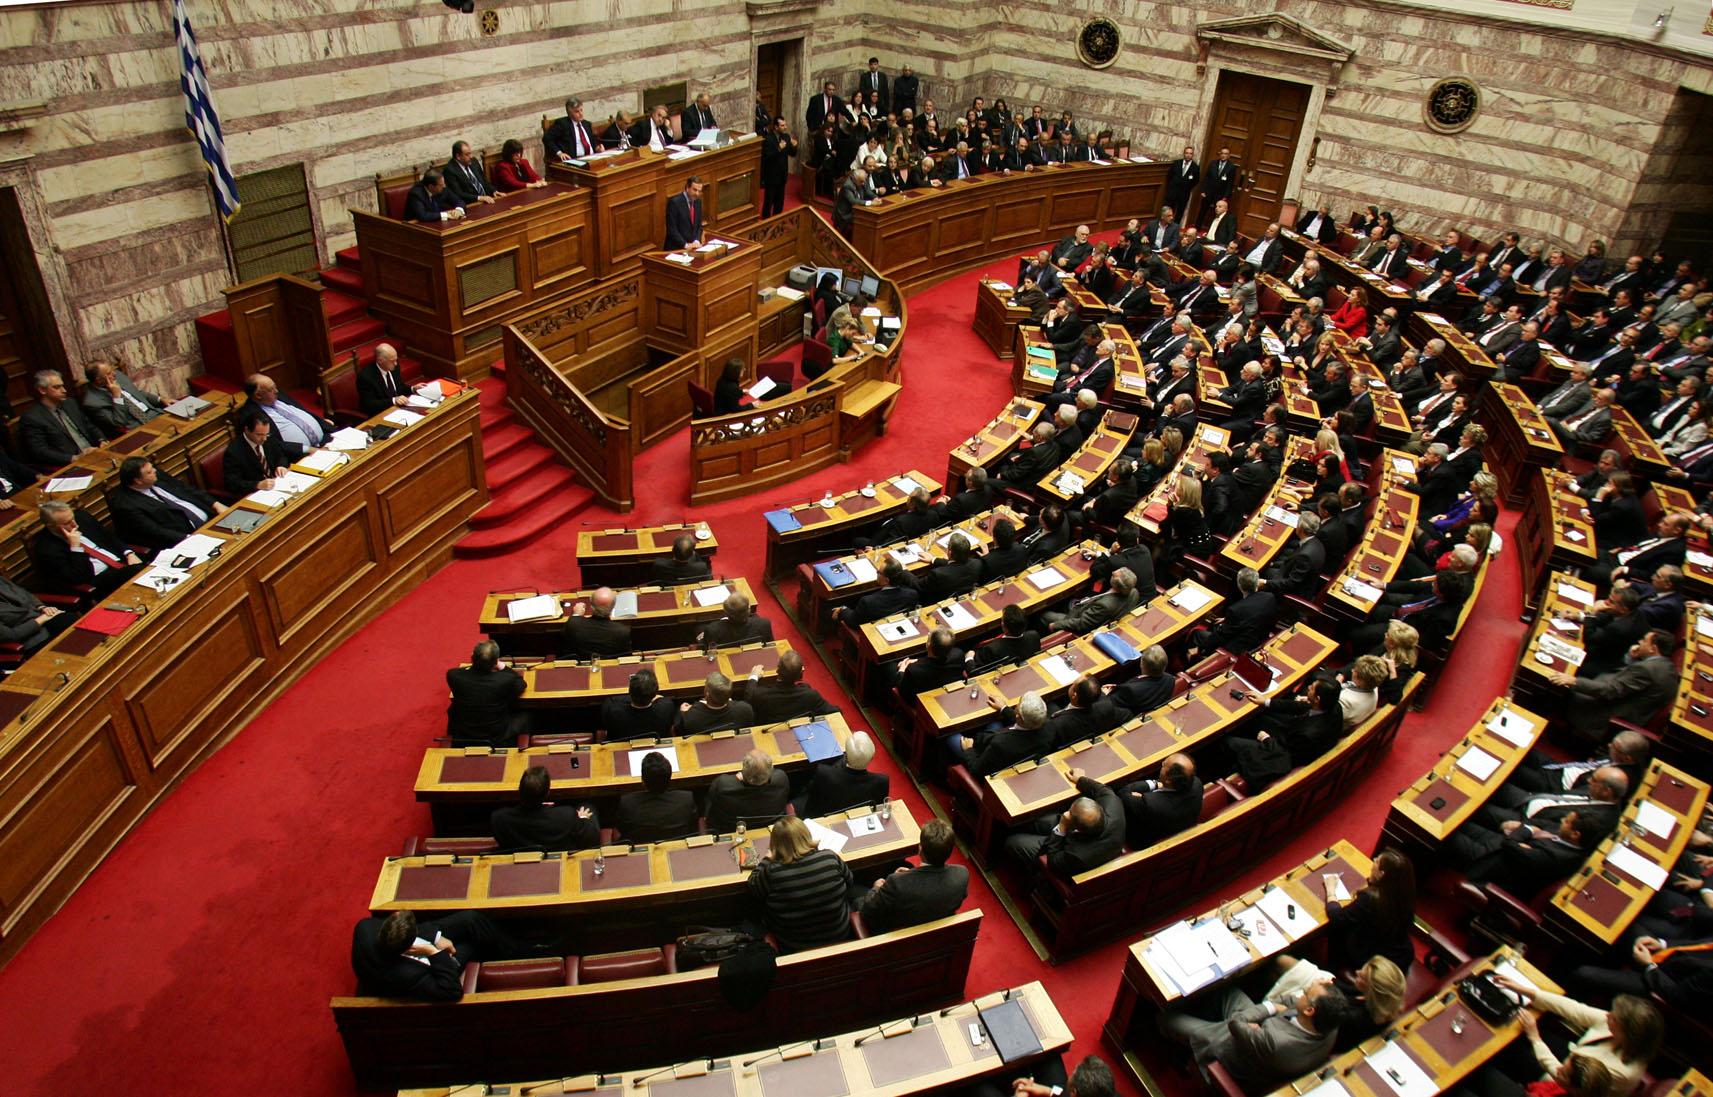 Σε διακοπές από σήμερα η Βουλή | vouliwatch